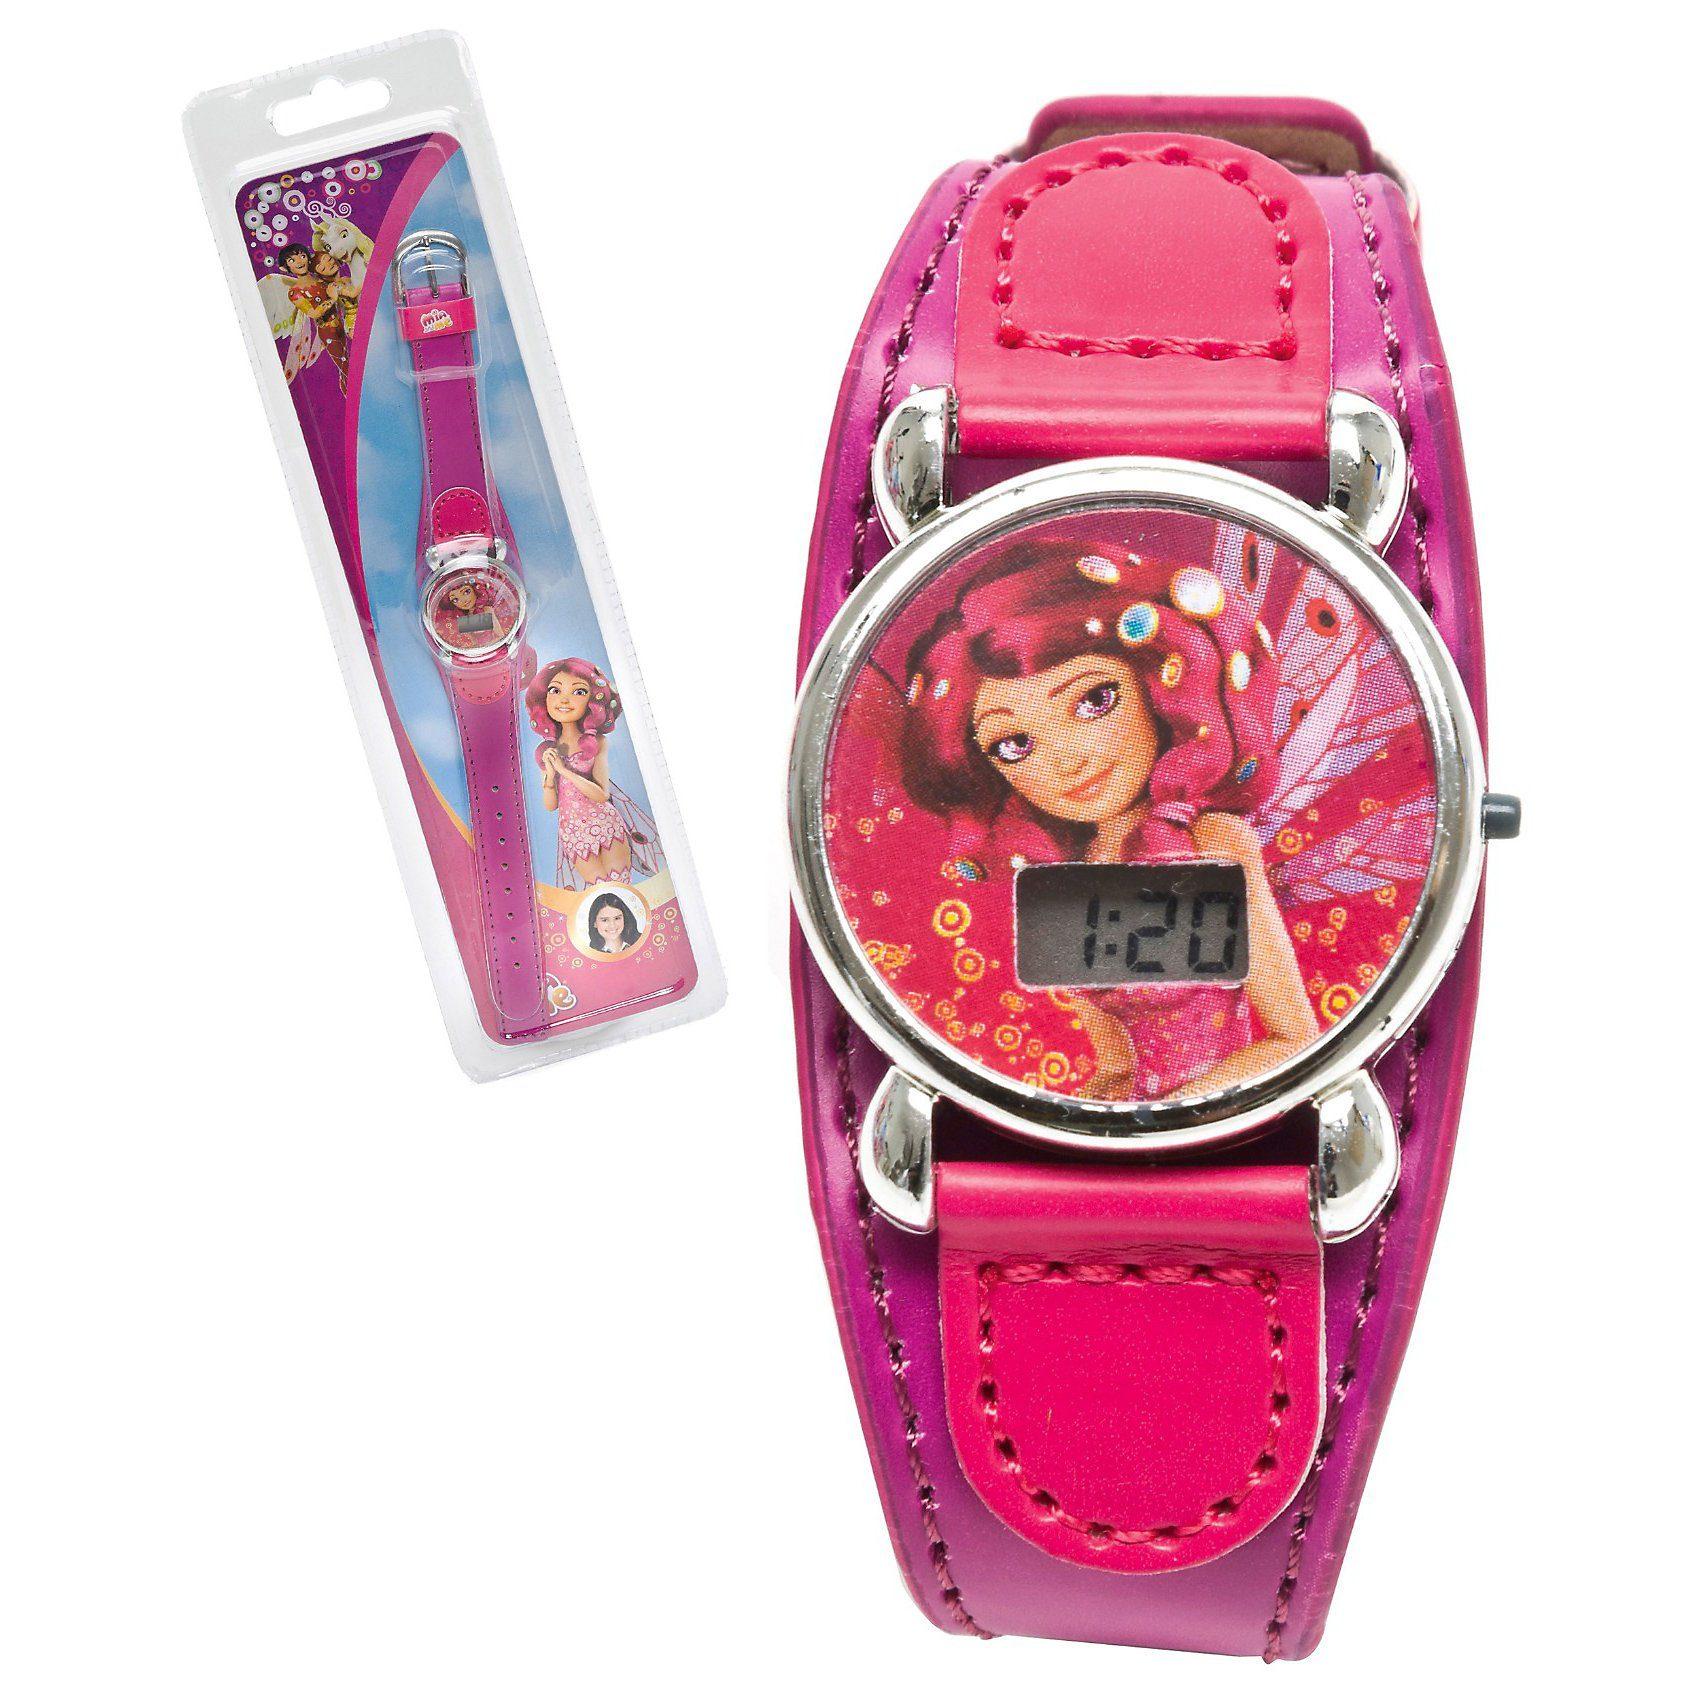 JOY TOY LCD Uhr mit Lederarmband Mia & Me